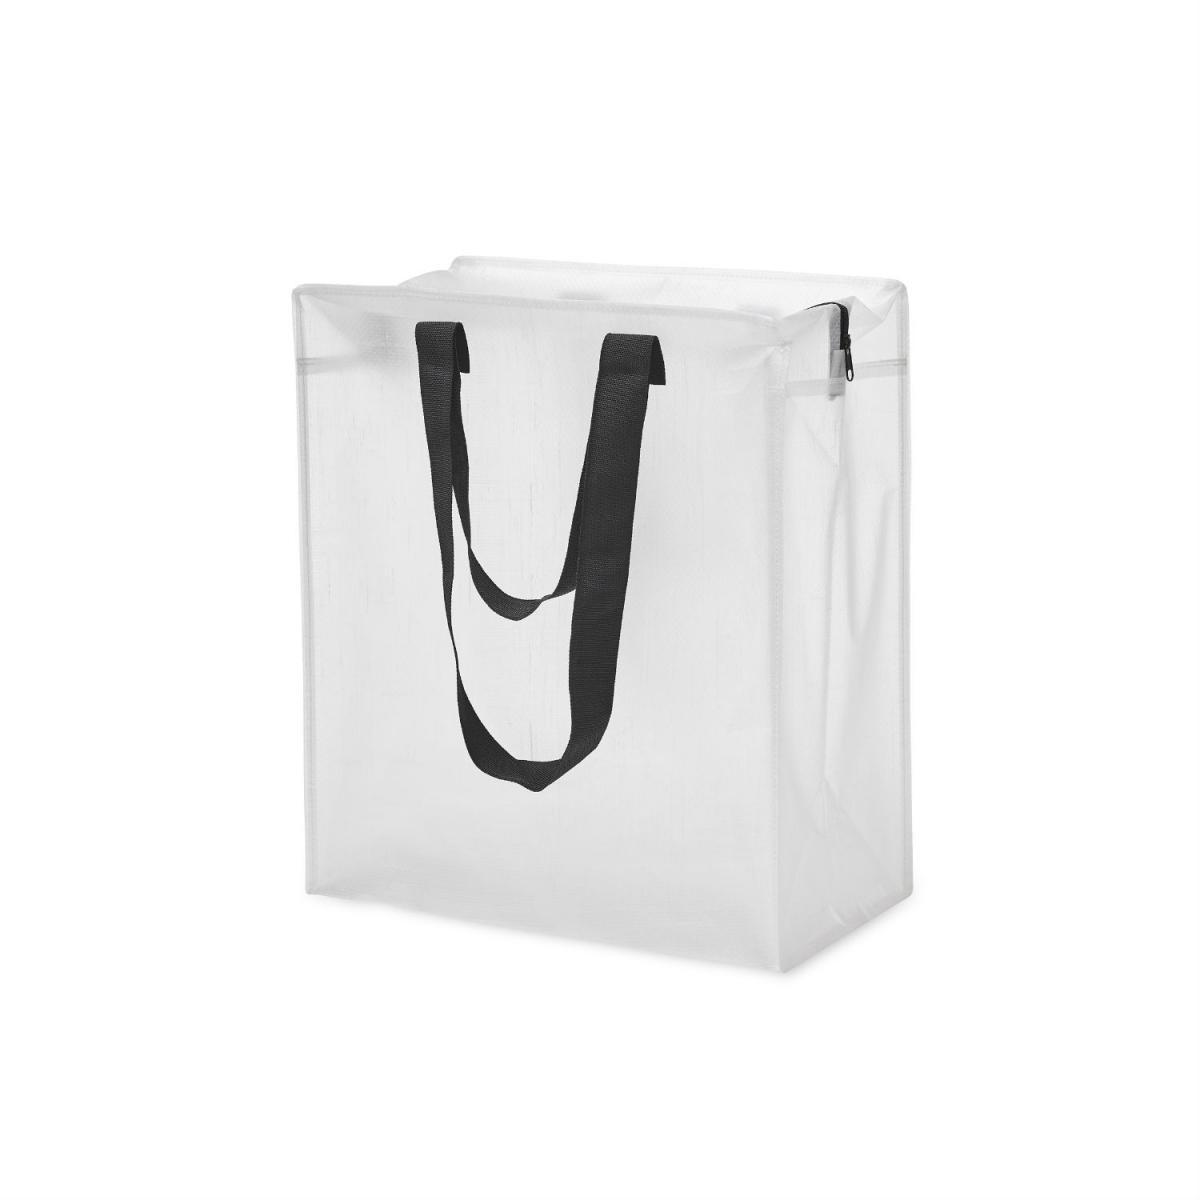 opbevaringstaske ice i klar frosted plast